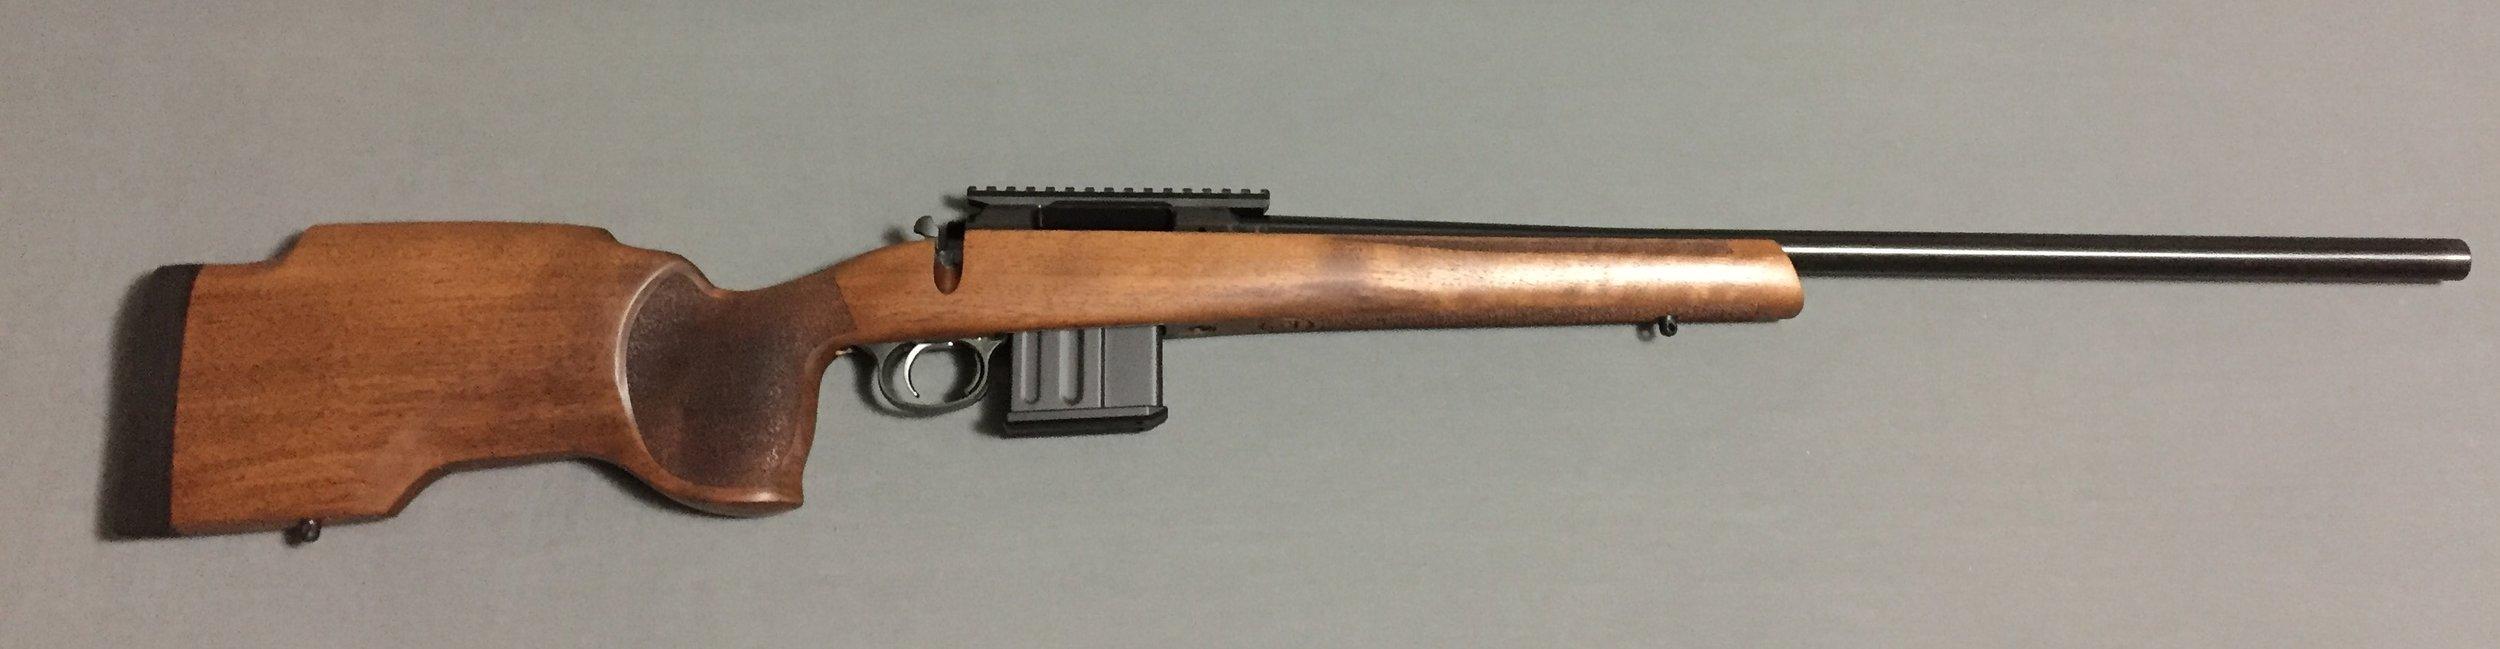 Sauer 100 Rifles